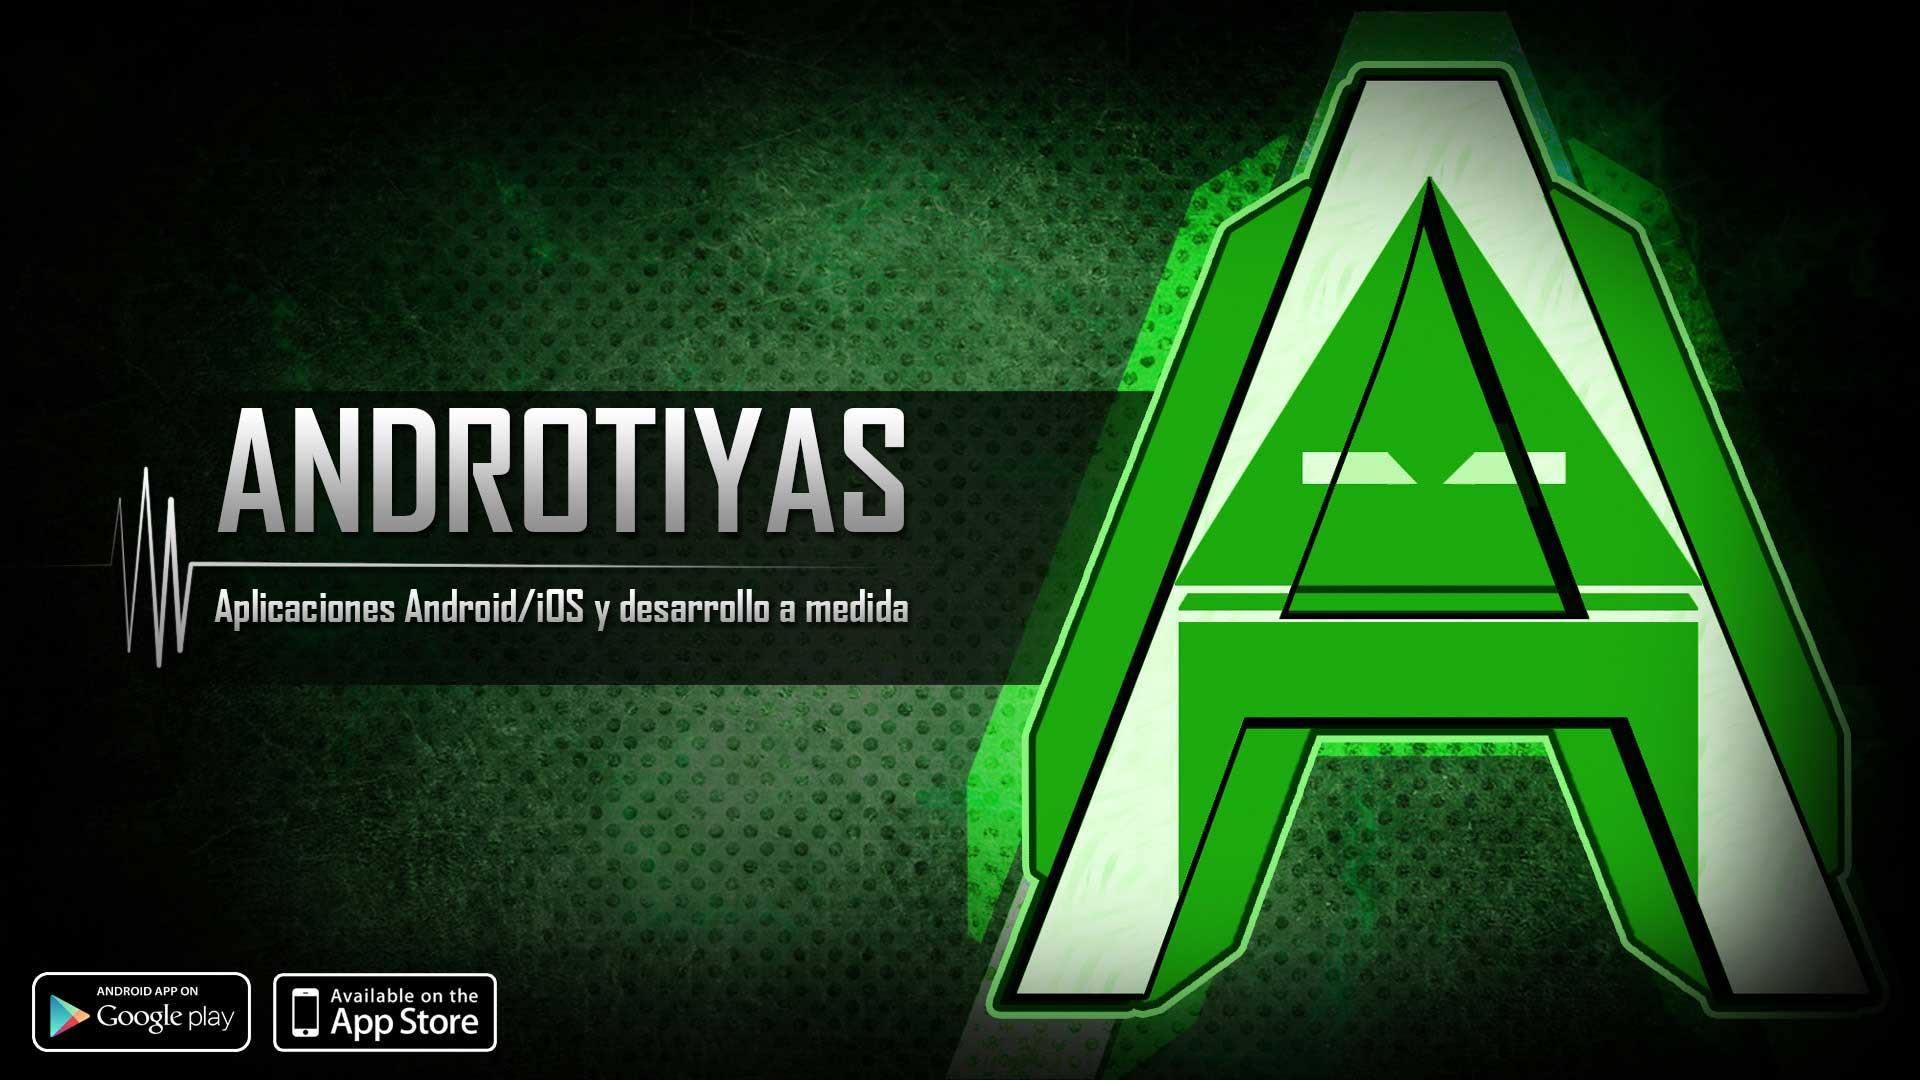 Androtiyas android wallpaper aplicaciones móviles